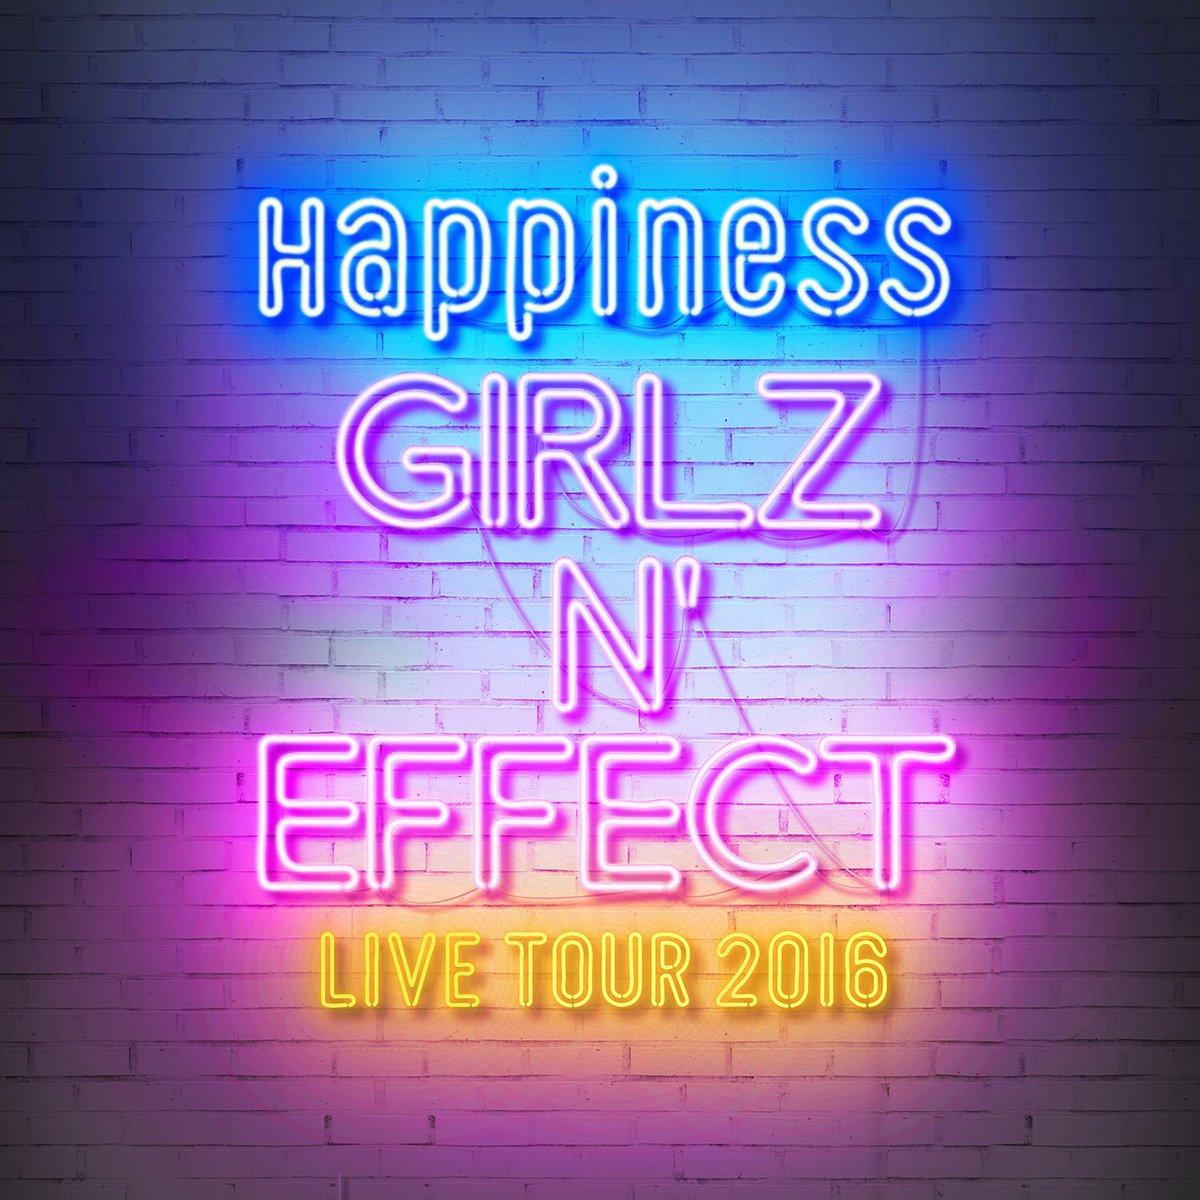 Happiness LIVE TOUR 2016 ✨GIRLZ N' EFFECT✨  ツアーロゴ&グッズ解禁❗️  Happiness初となるライブツアー❗️ 輝き弾けるメンバーのパフォーマンスを楽しみにしていてください❗️  m.egirls-m.jp/Cts/live/2016/…